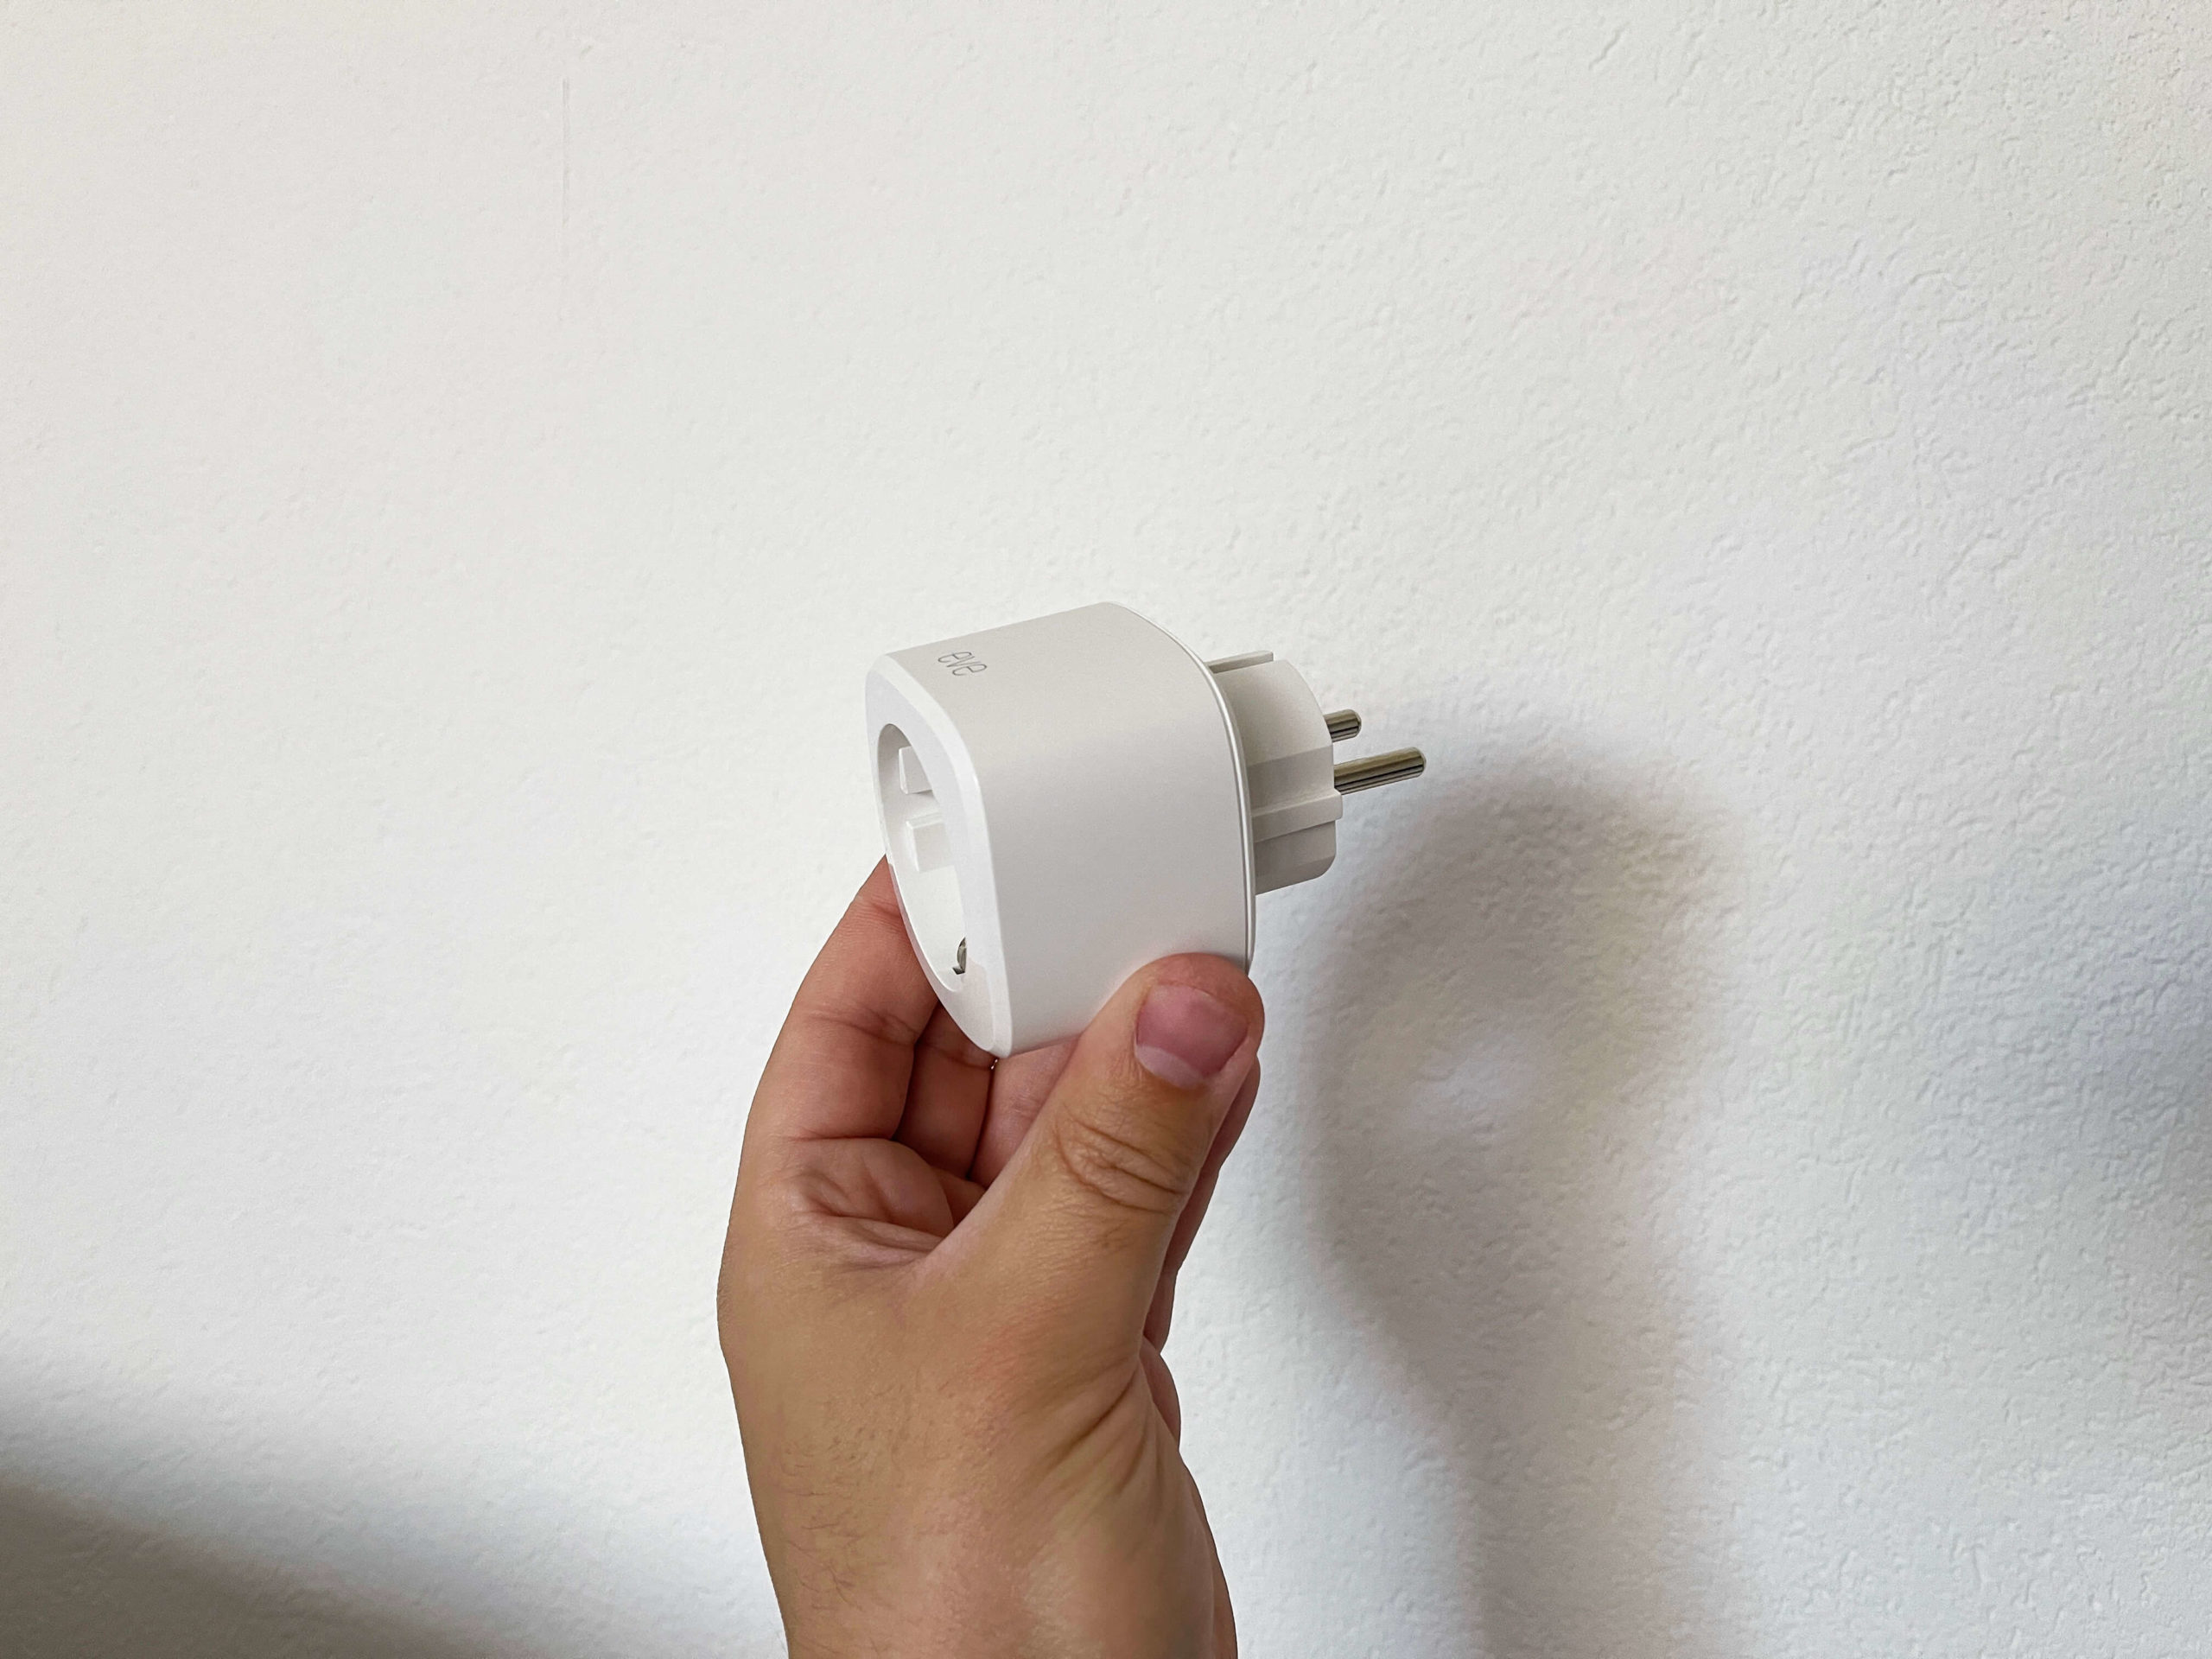 Eve-Energy-von-Eve-mehr-Thread-im-Apple-HomeKit-Zuhause2-scaled Eve Energy von Eve - mehr Thread im Apple HomeKit Zuhause